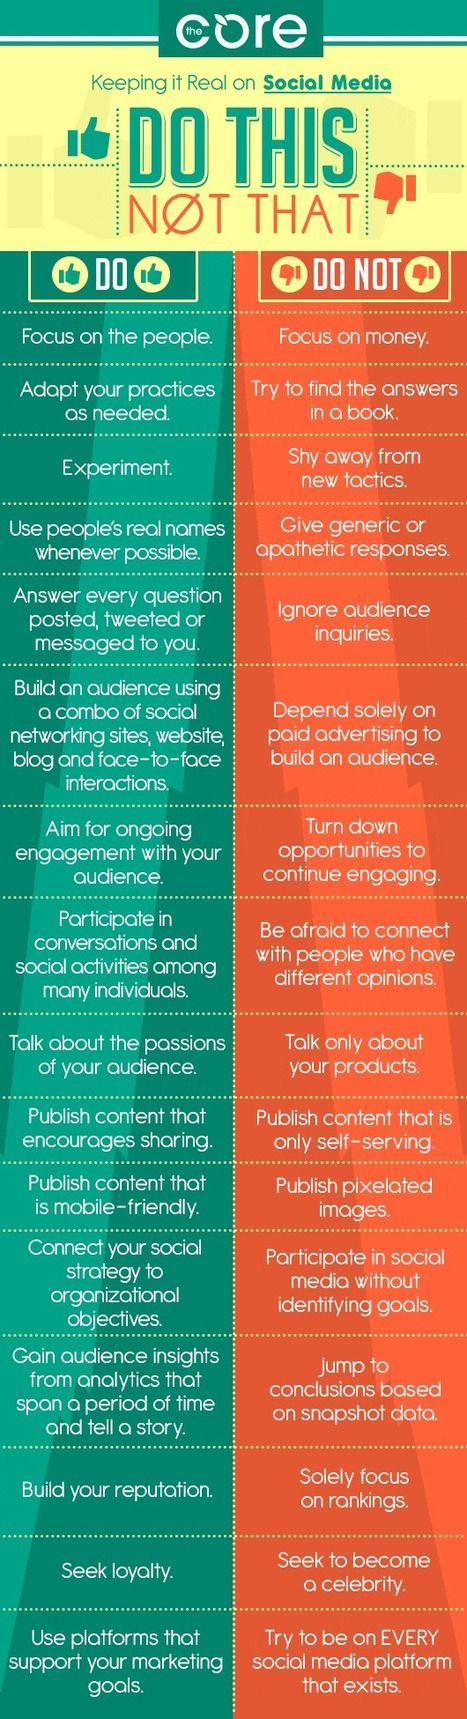 #Infographie : 16 clés pour développer votre présence #SocialMedia | via @FrancoisCousin http://sco.lt/6H3lr7